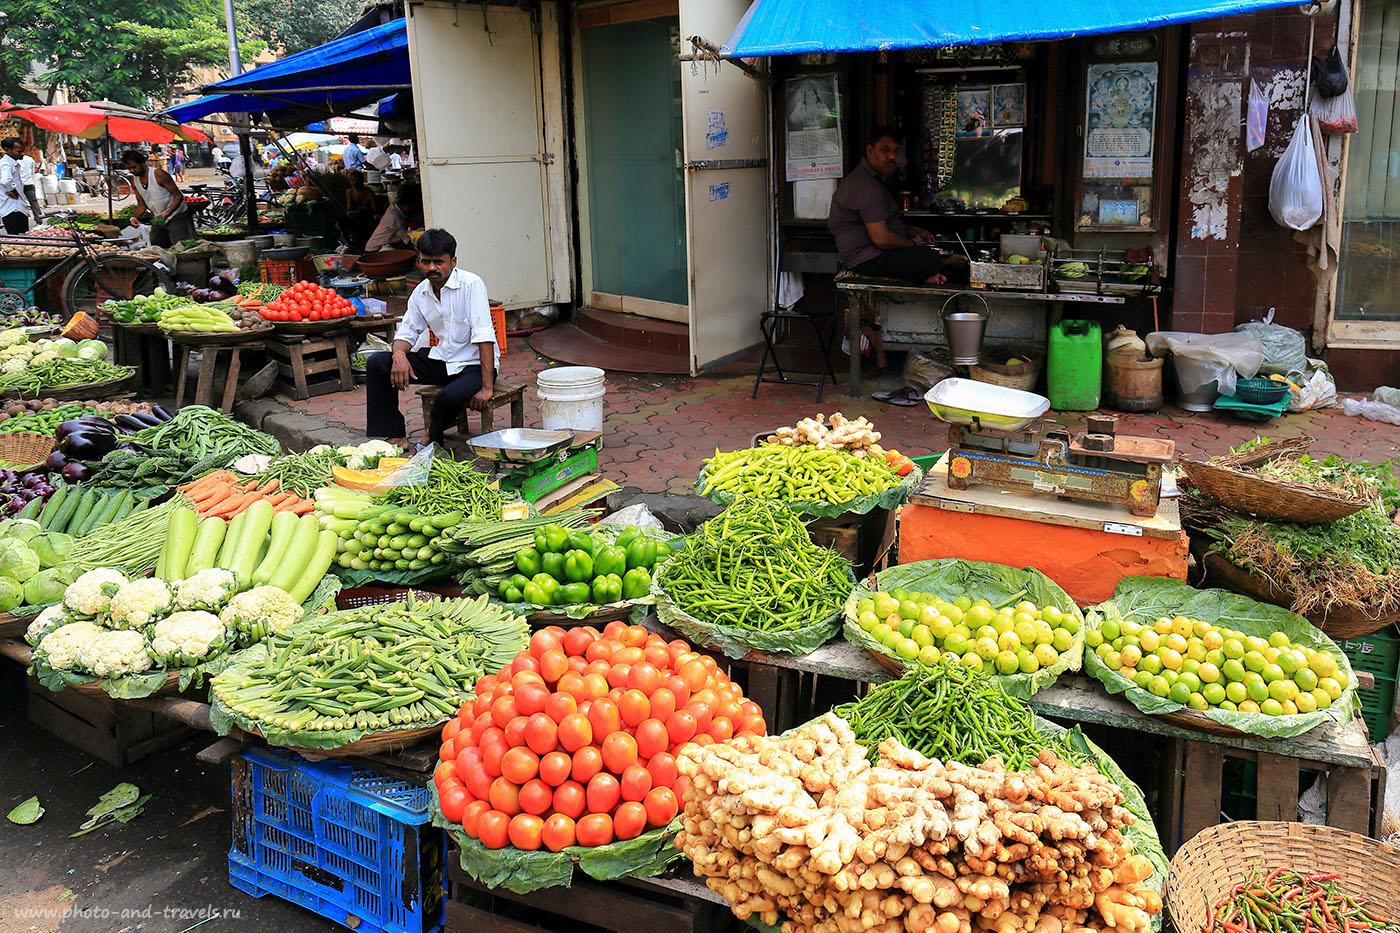 Фотография 21. Колабский рынок (Colaba Market) в Мумбаи,. Поездка в Индию самостоятельно. Отзывы туристов из России.(24-70, 1/250, -1eV, f8, 24 mm, ISO 100)